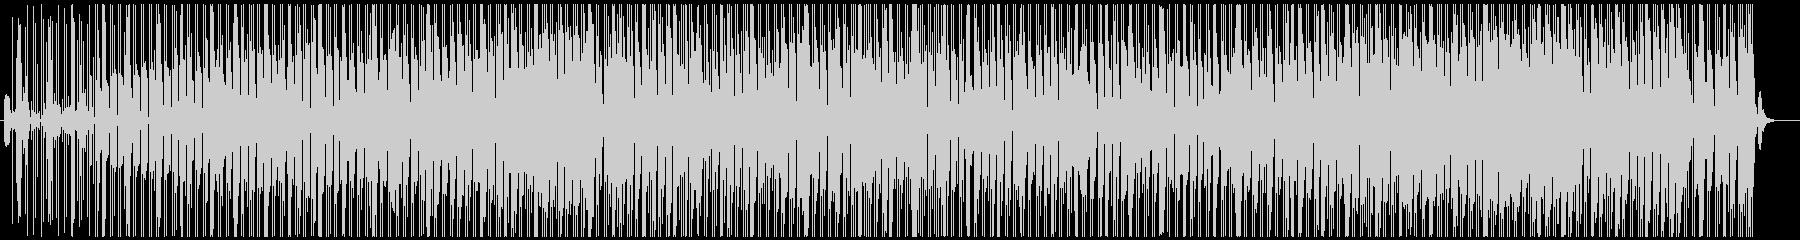 バサノバ ほのぼの 幸せ お笑い ...の未再生の波形